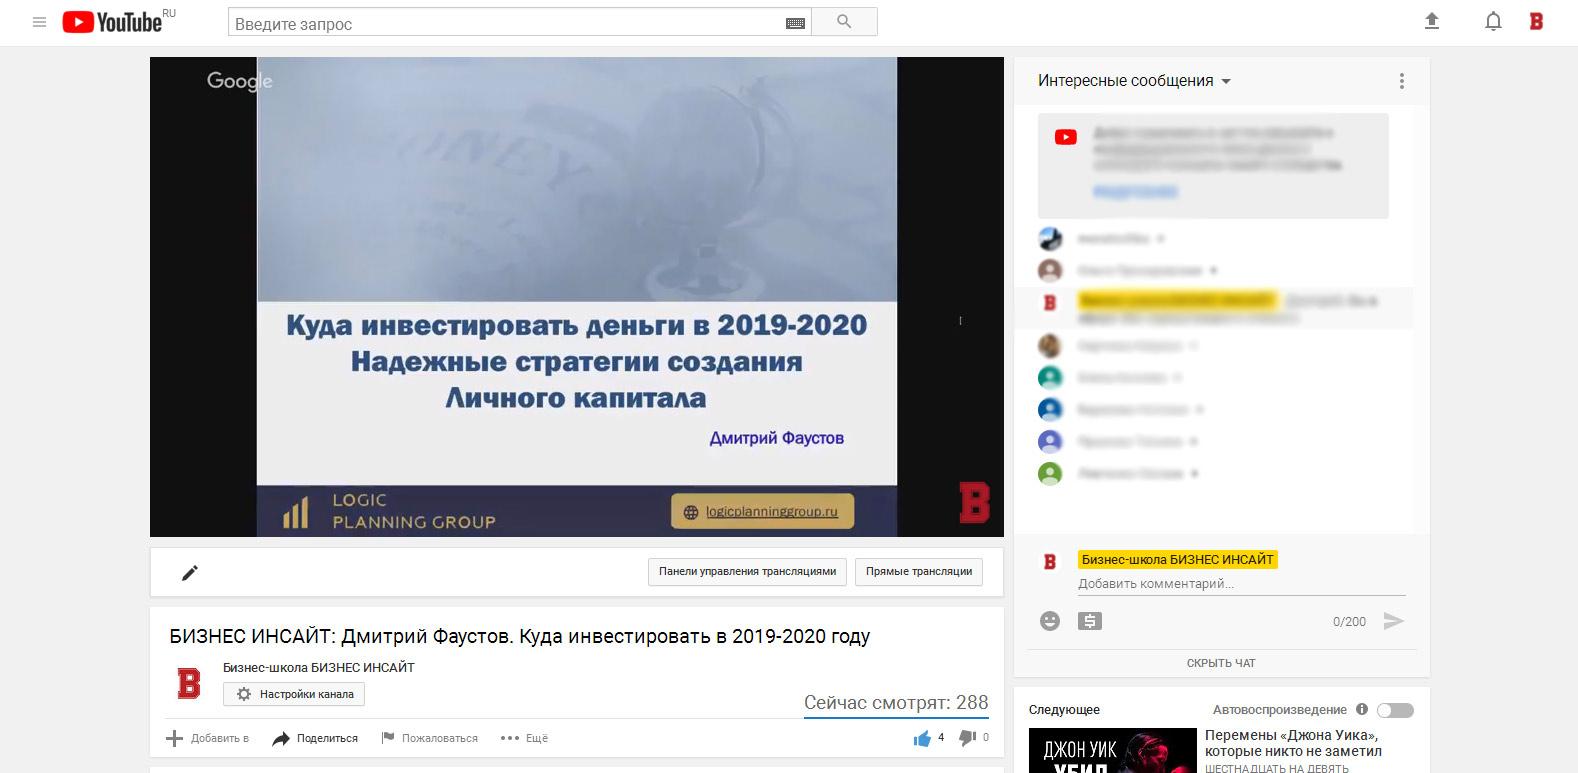 Дмитрий Фаустов провел открытый (бесплатный) вебинар на площадке БИЗНЕС ИНСАЙТ